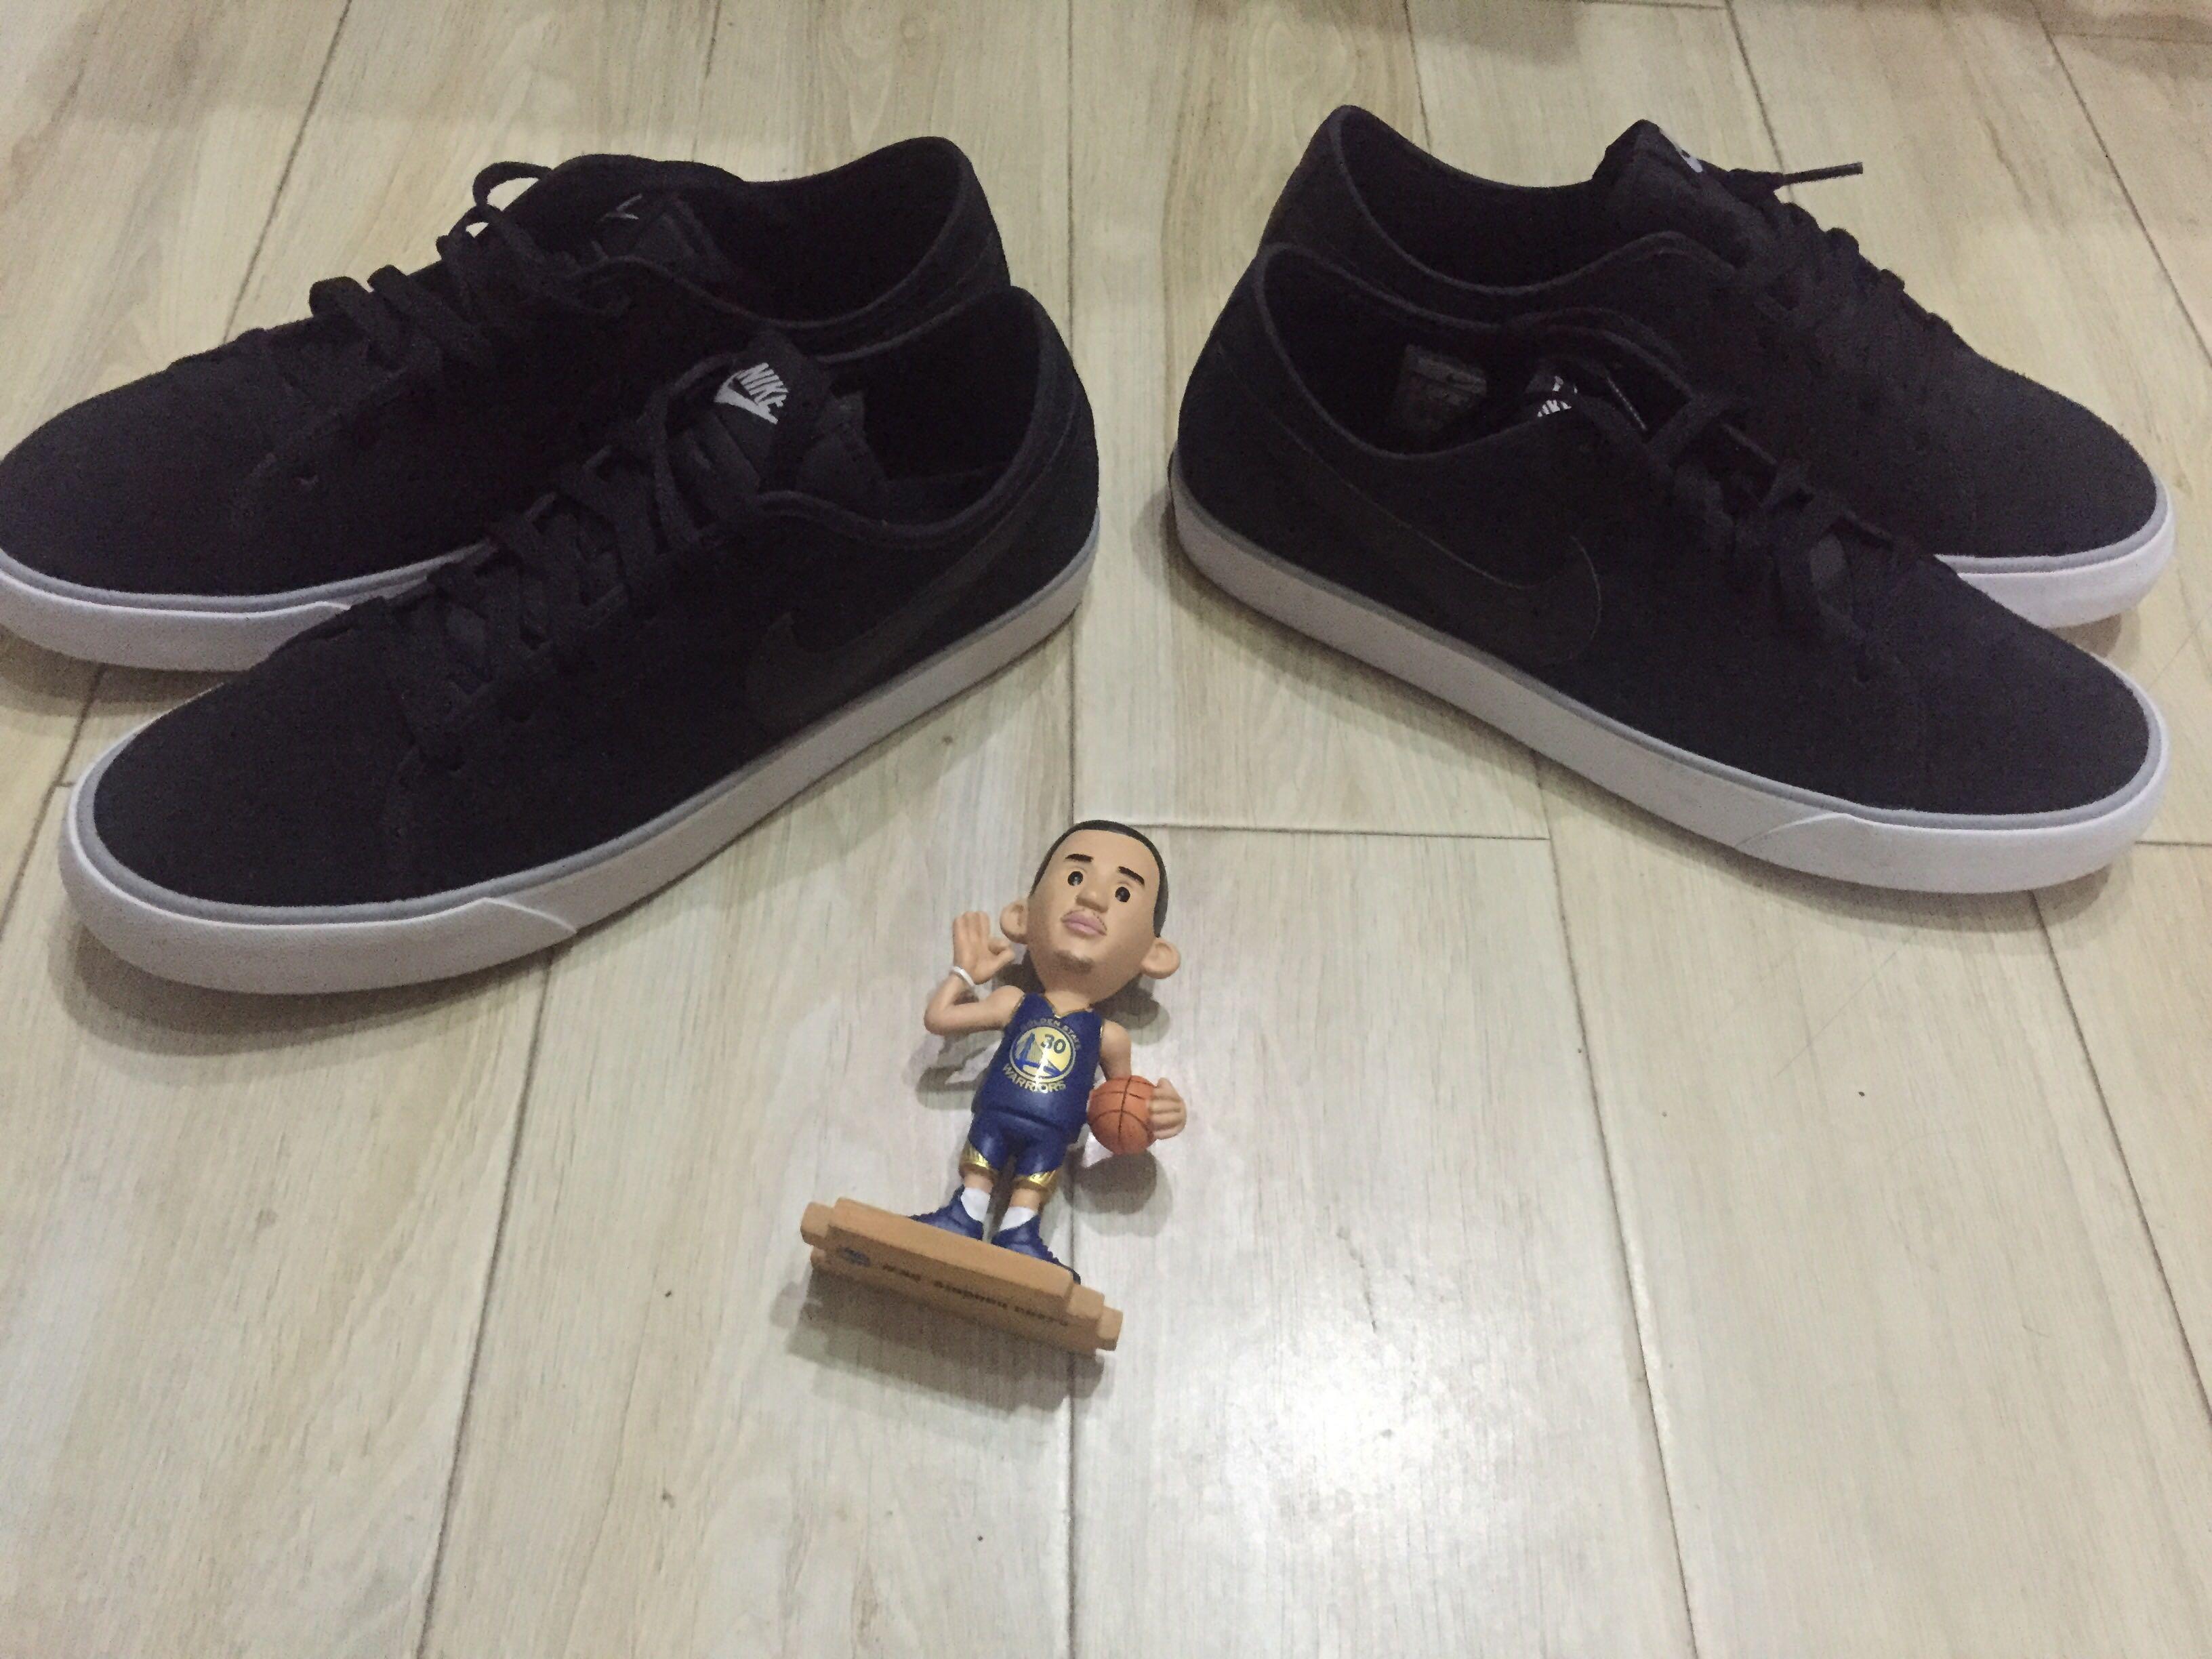 кроссовки Nike Sb nike sb кеды nike sb zoom stefan janoski leather черный антрацитовый черный 12